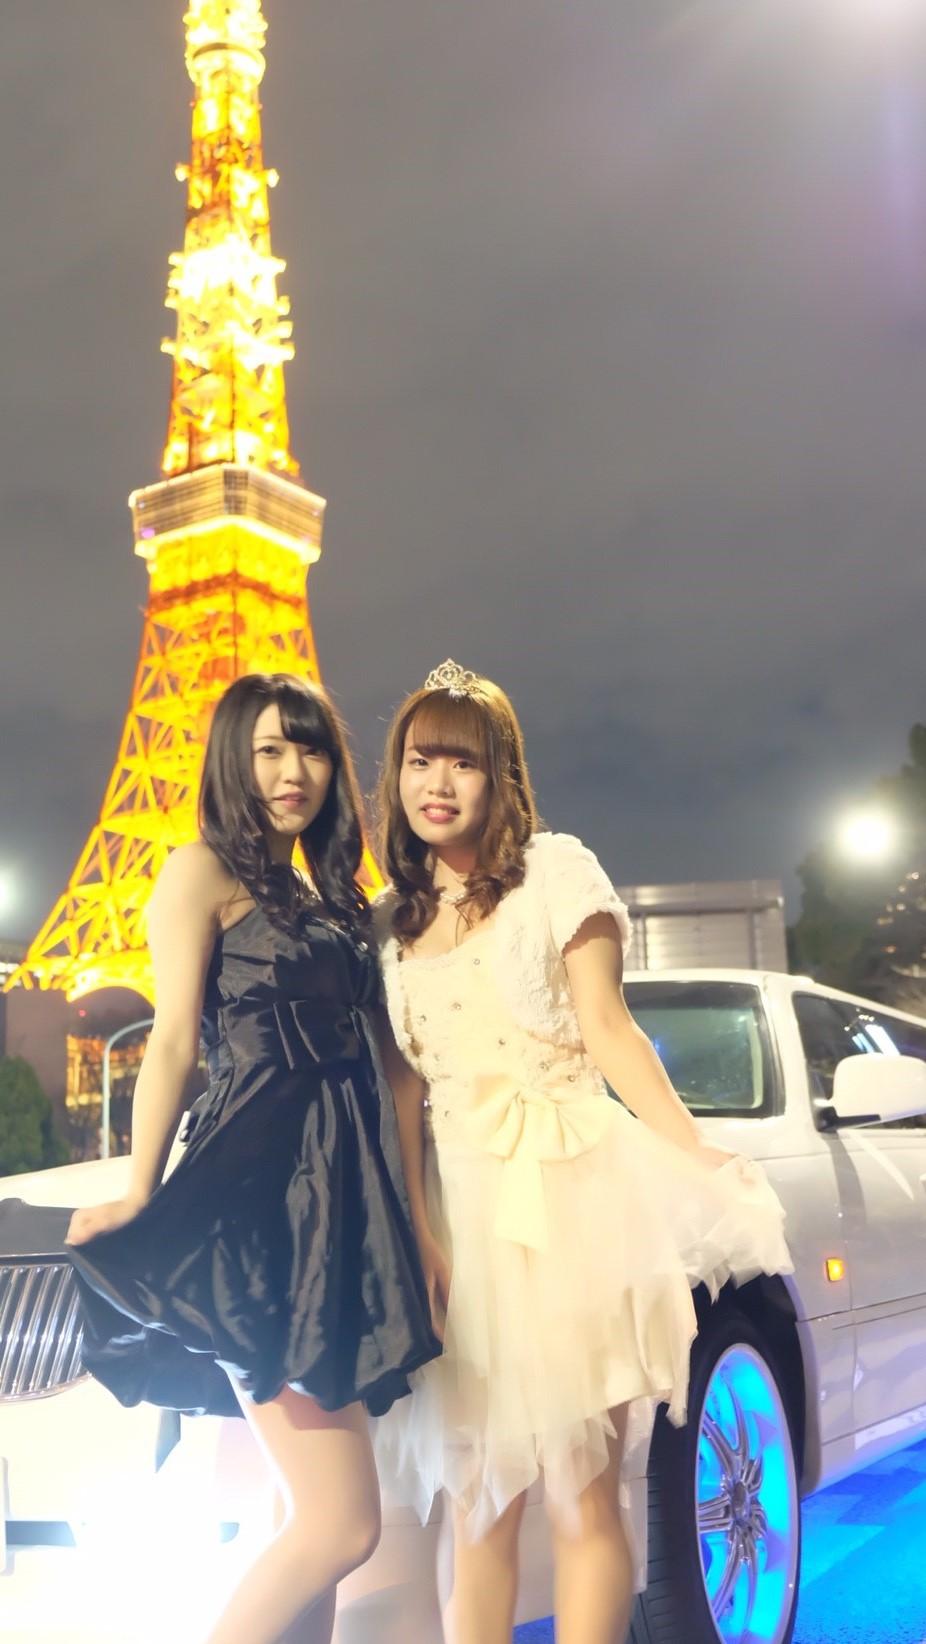 リムジンパーティーでは可愛いドレスを着てリムジンパーティーを楽しみましょう